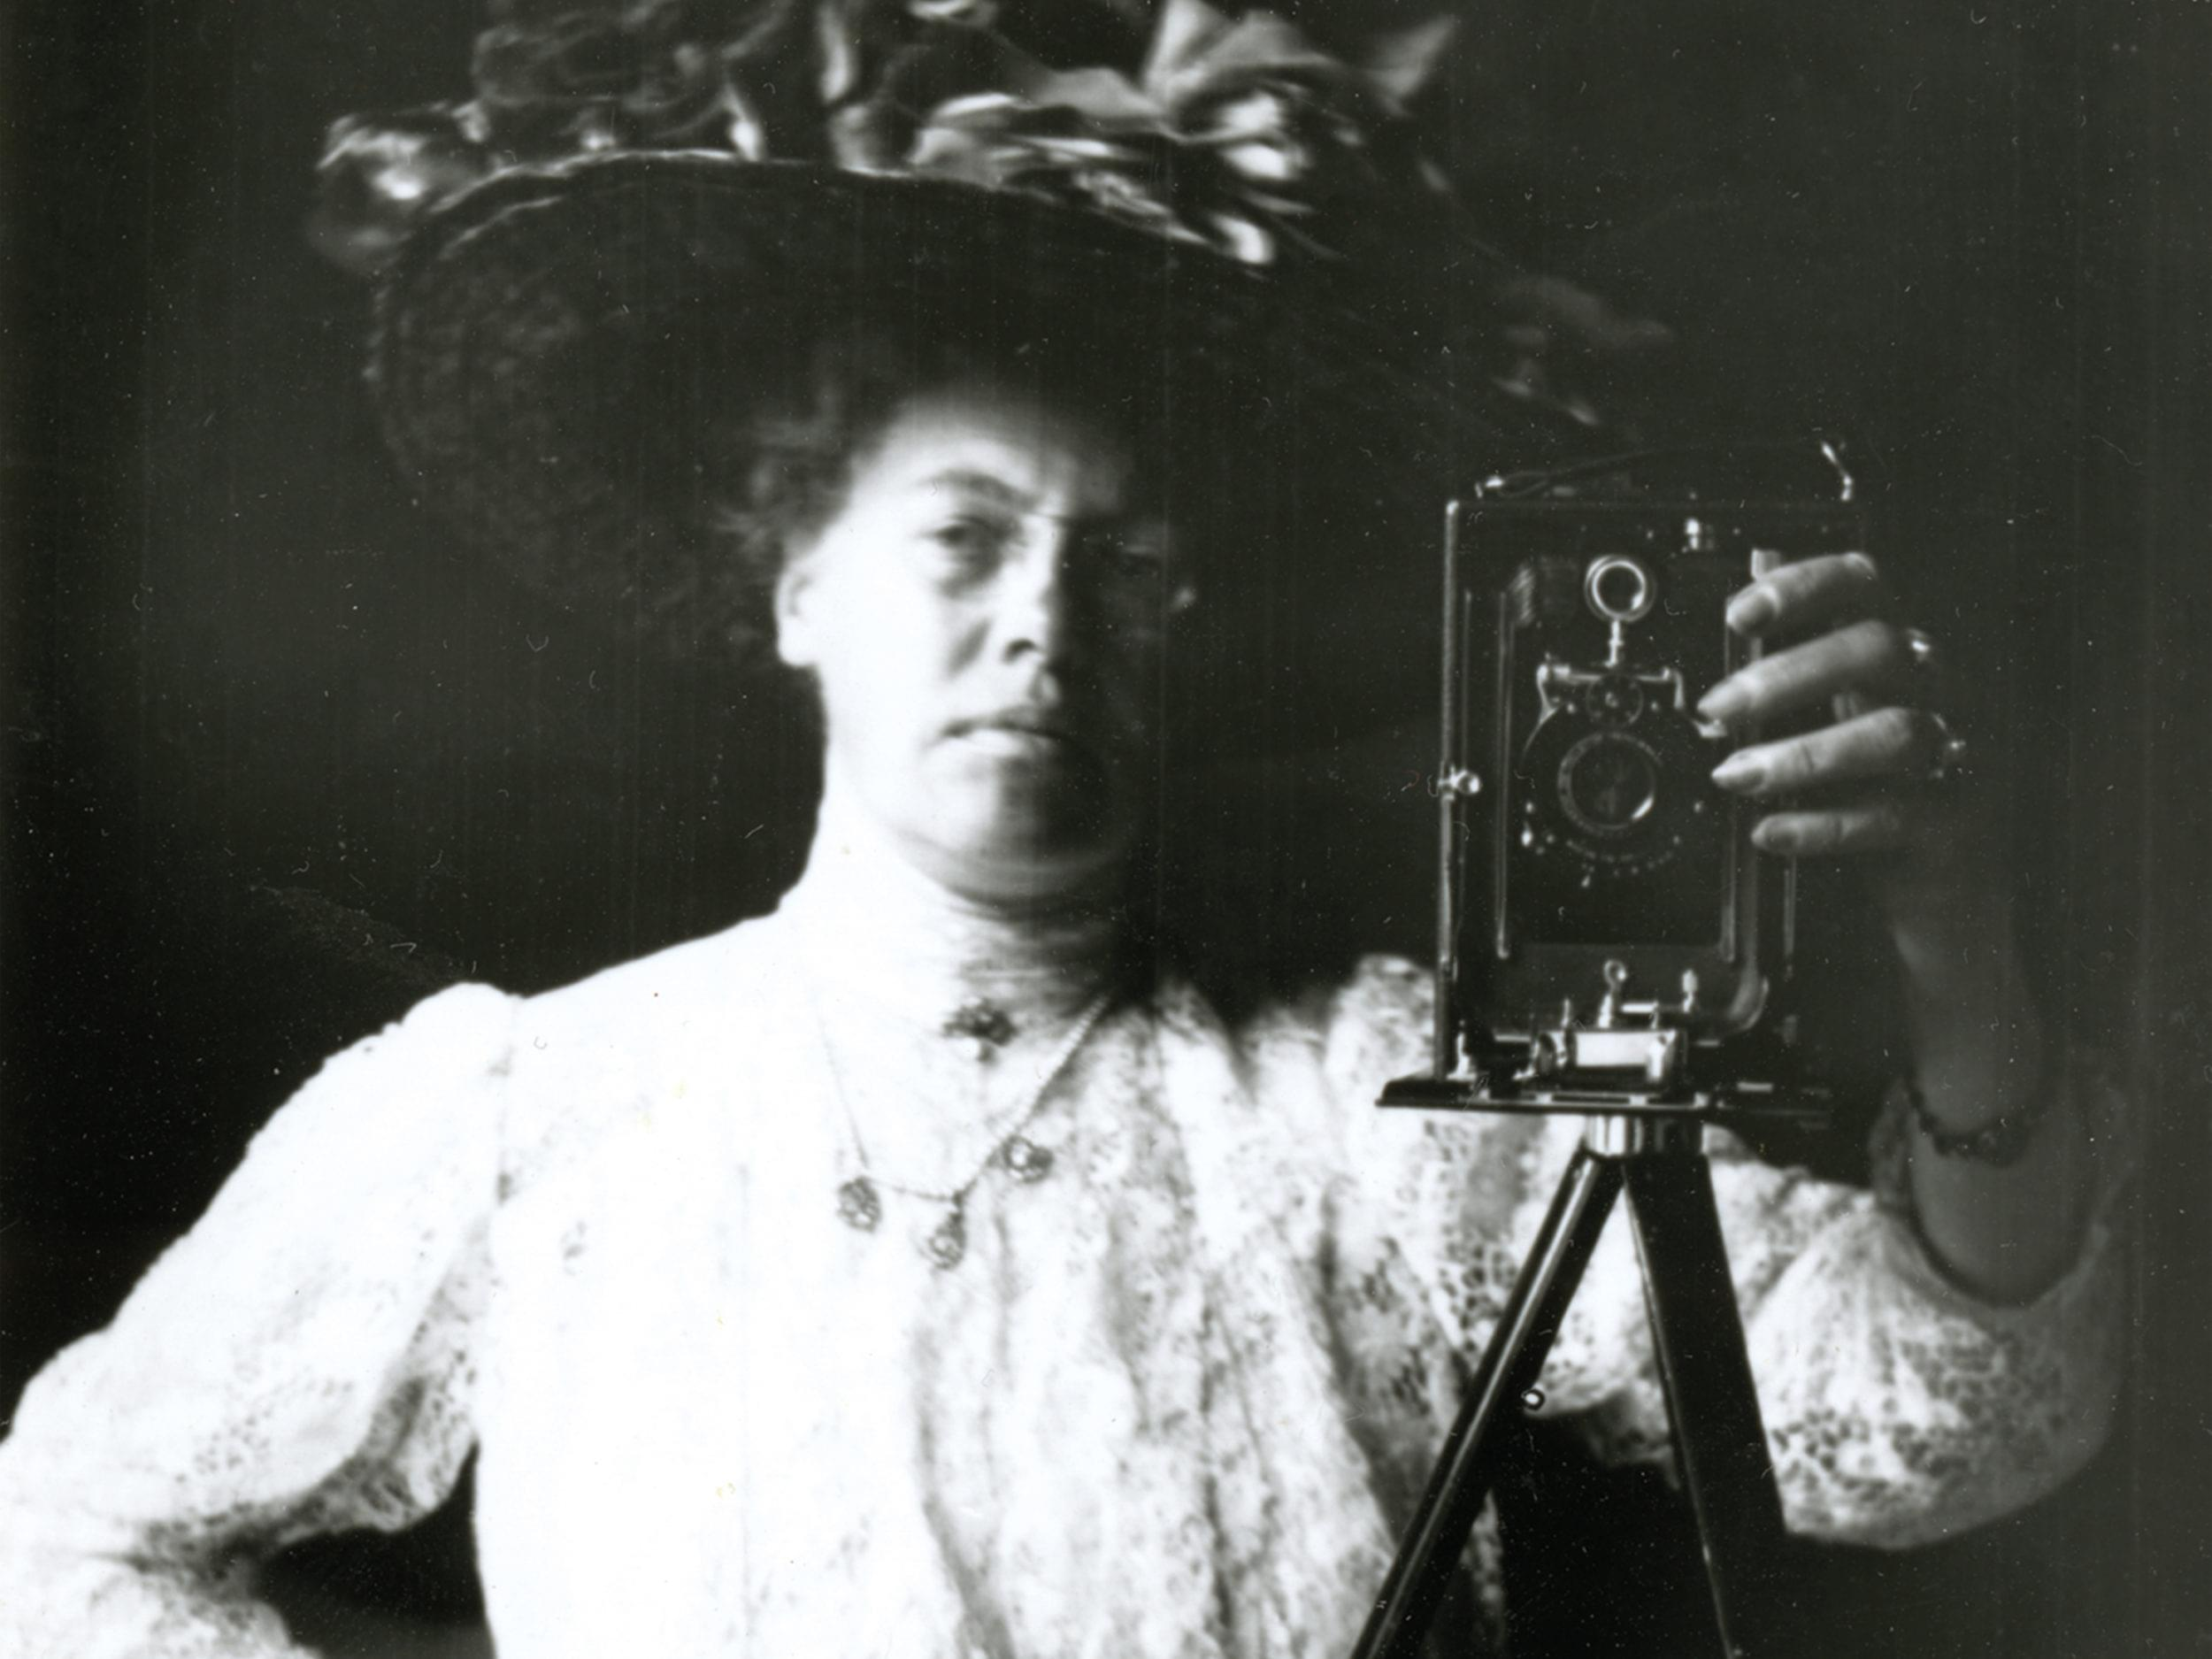 Ett svartvitt fotografi av en kvinna i stor hatt som fotograferar